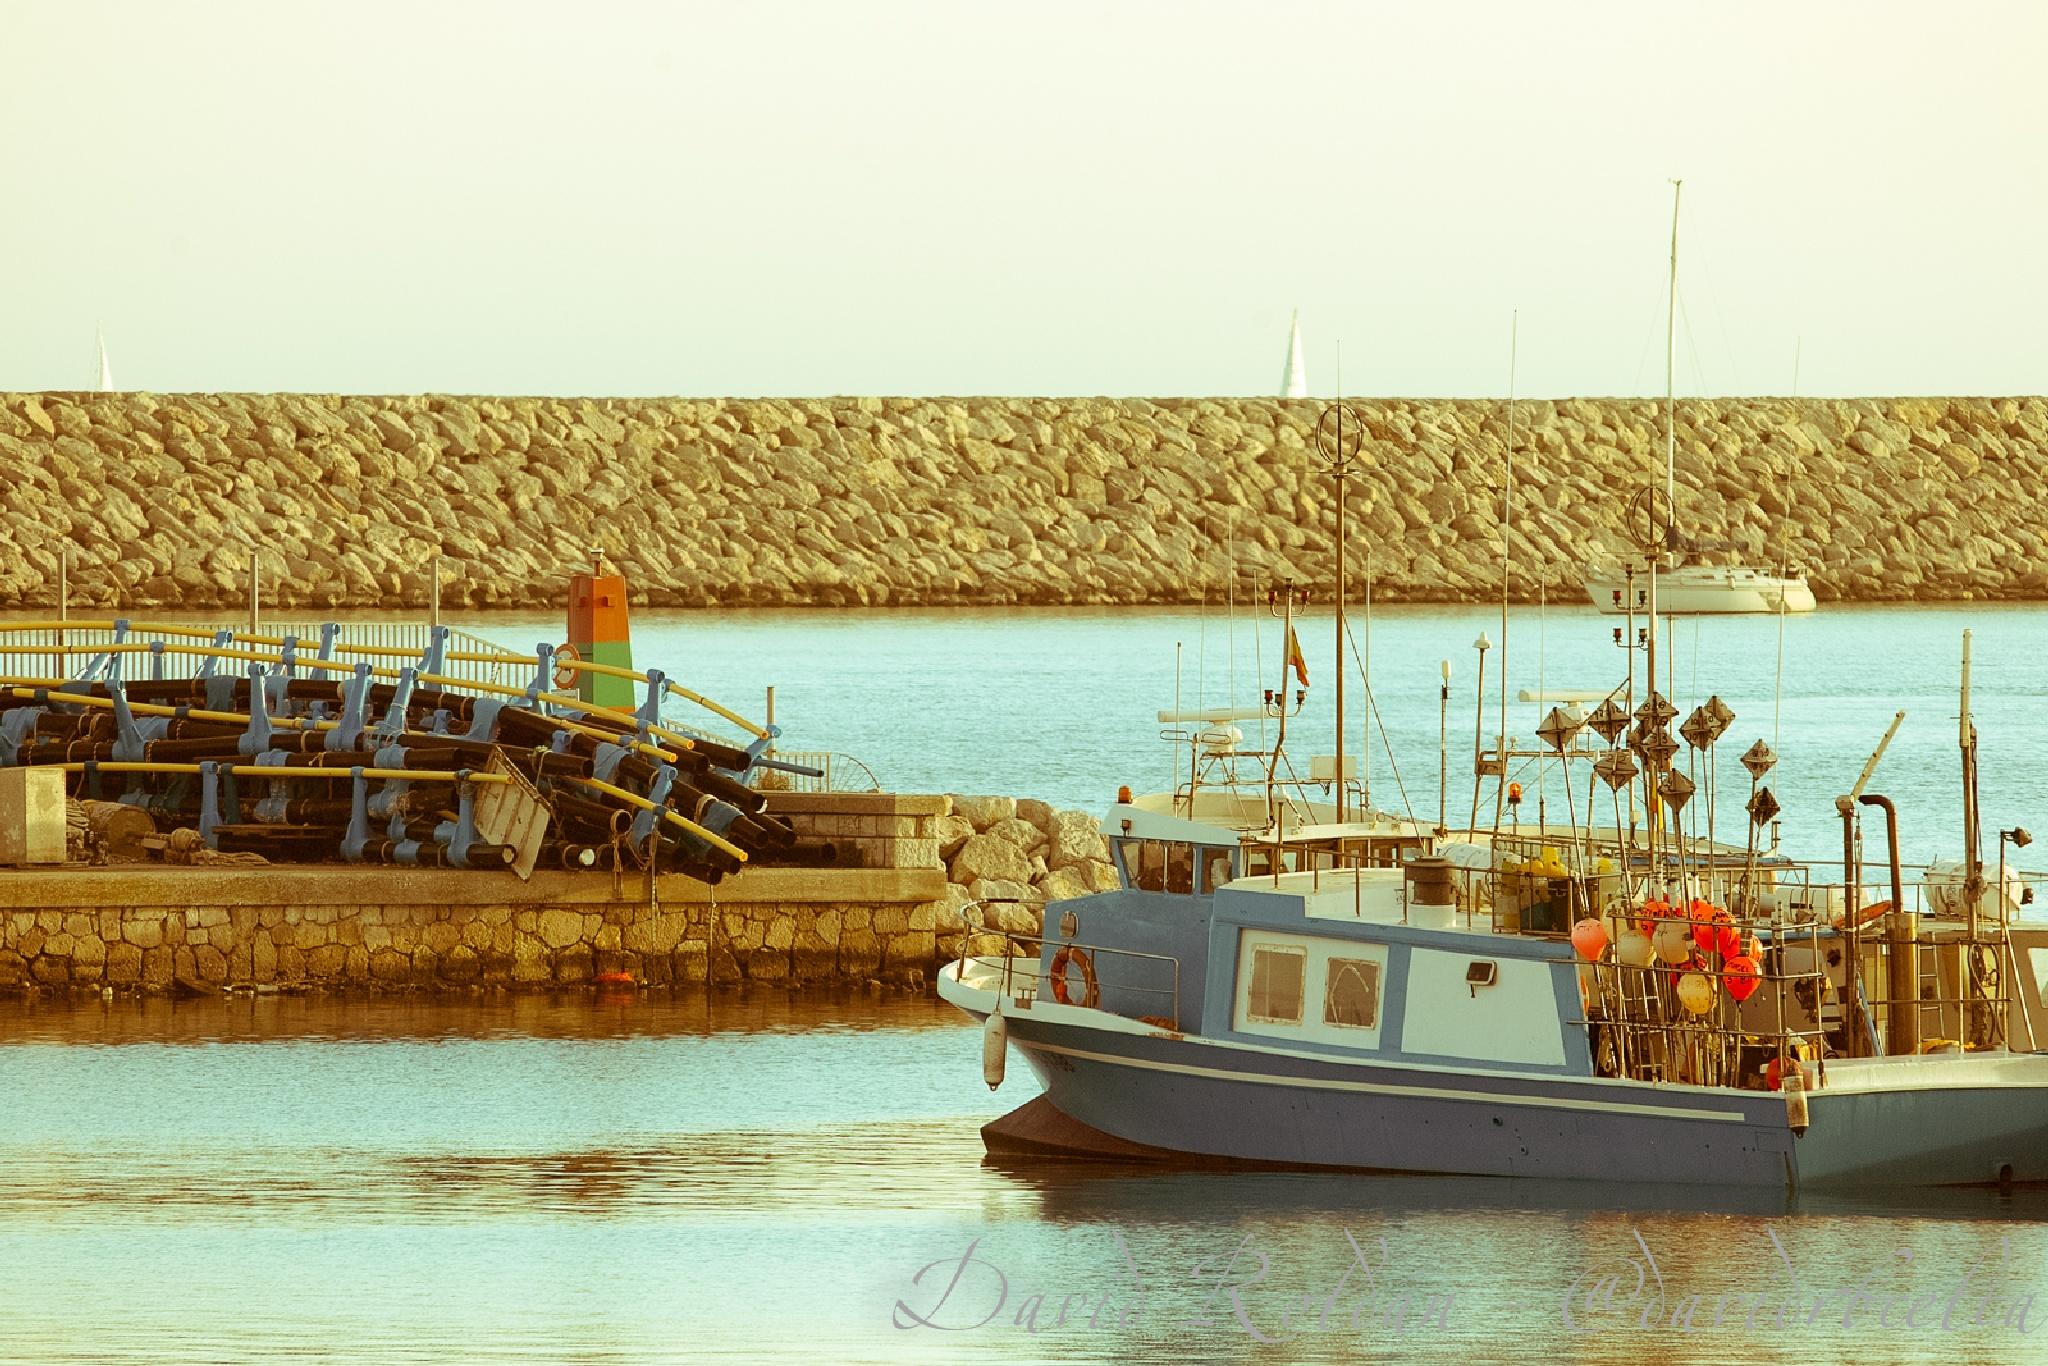 tornant a port by David Roldán